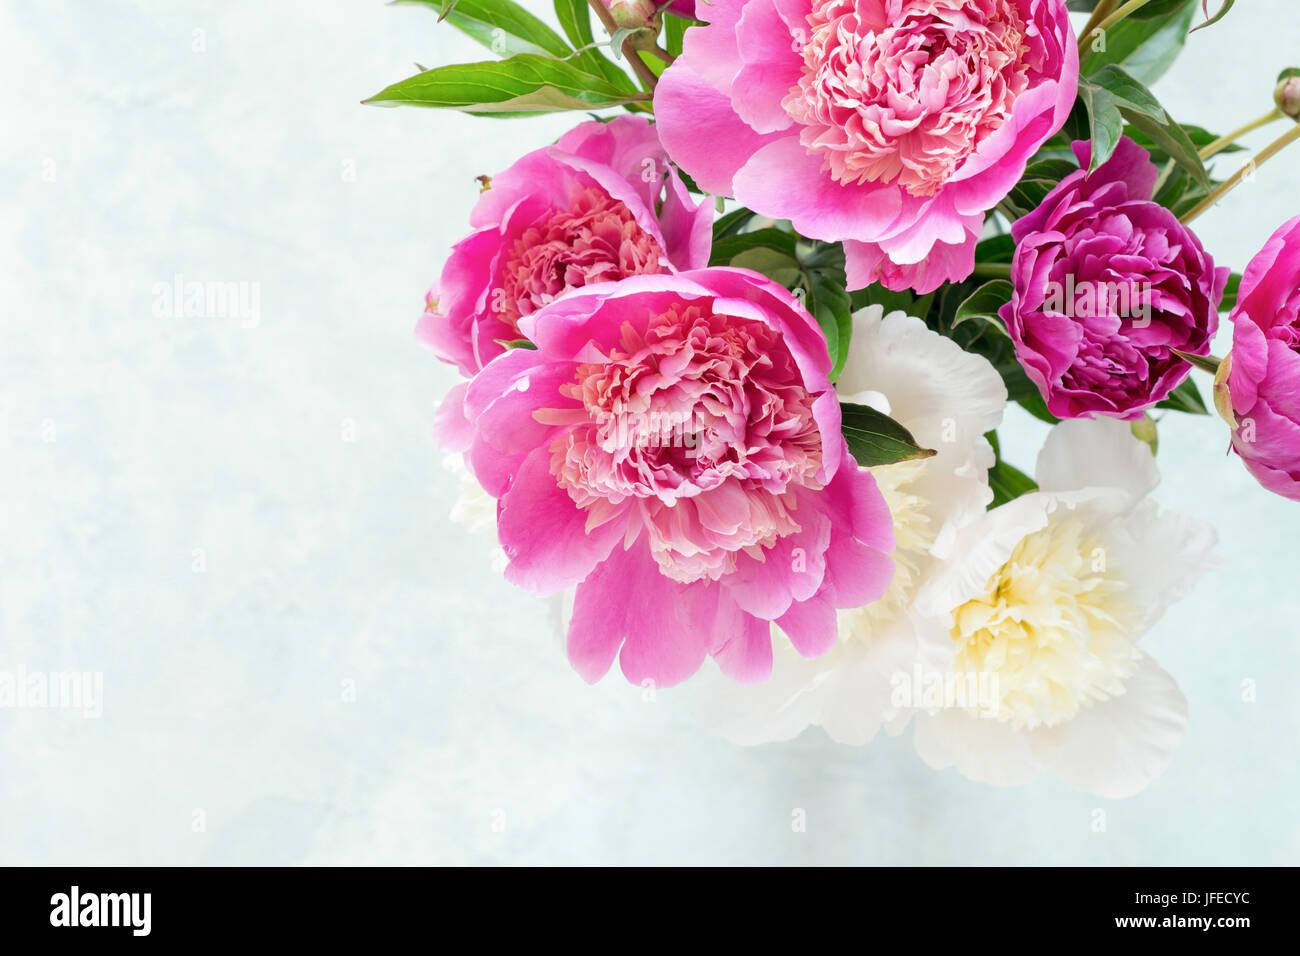 Pfingstrosen Schoner Blumenstrauss Rosa Weisse Und Violette